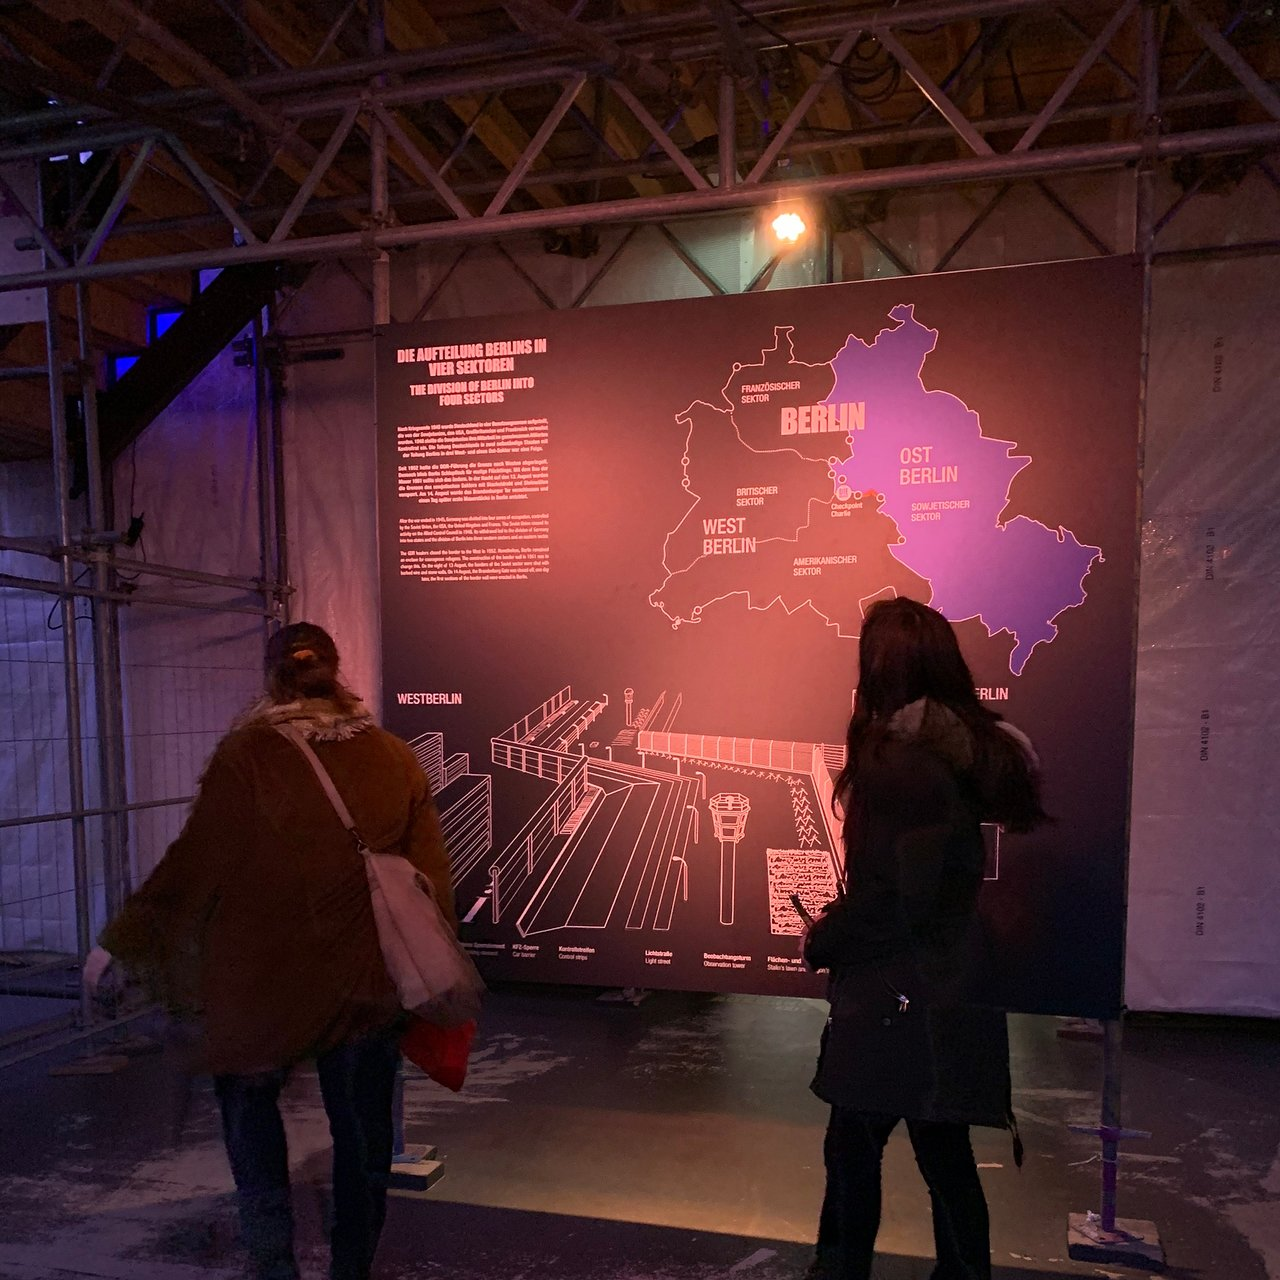 Englischer Garten Berlin Frisch Wall Museum Checkpoint Charlie Berlin 2020 All You